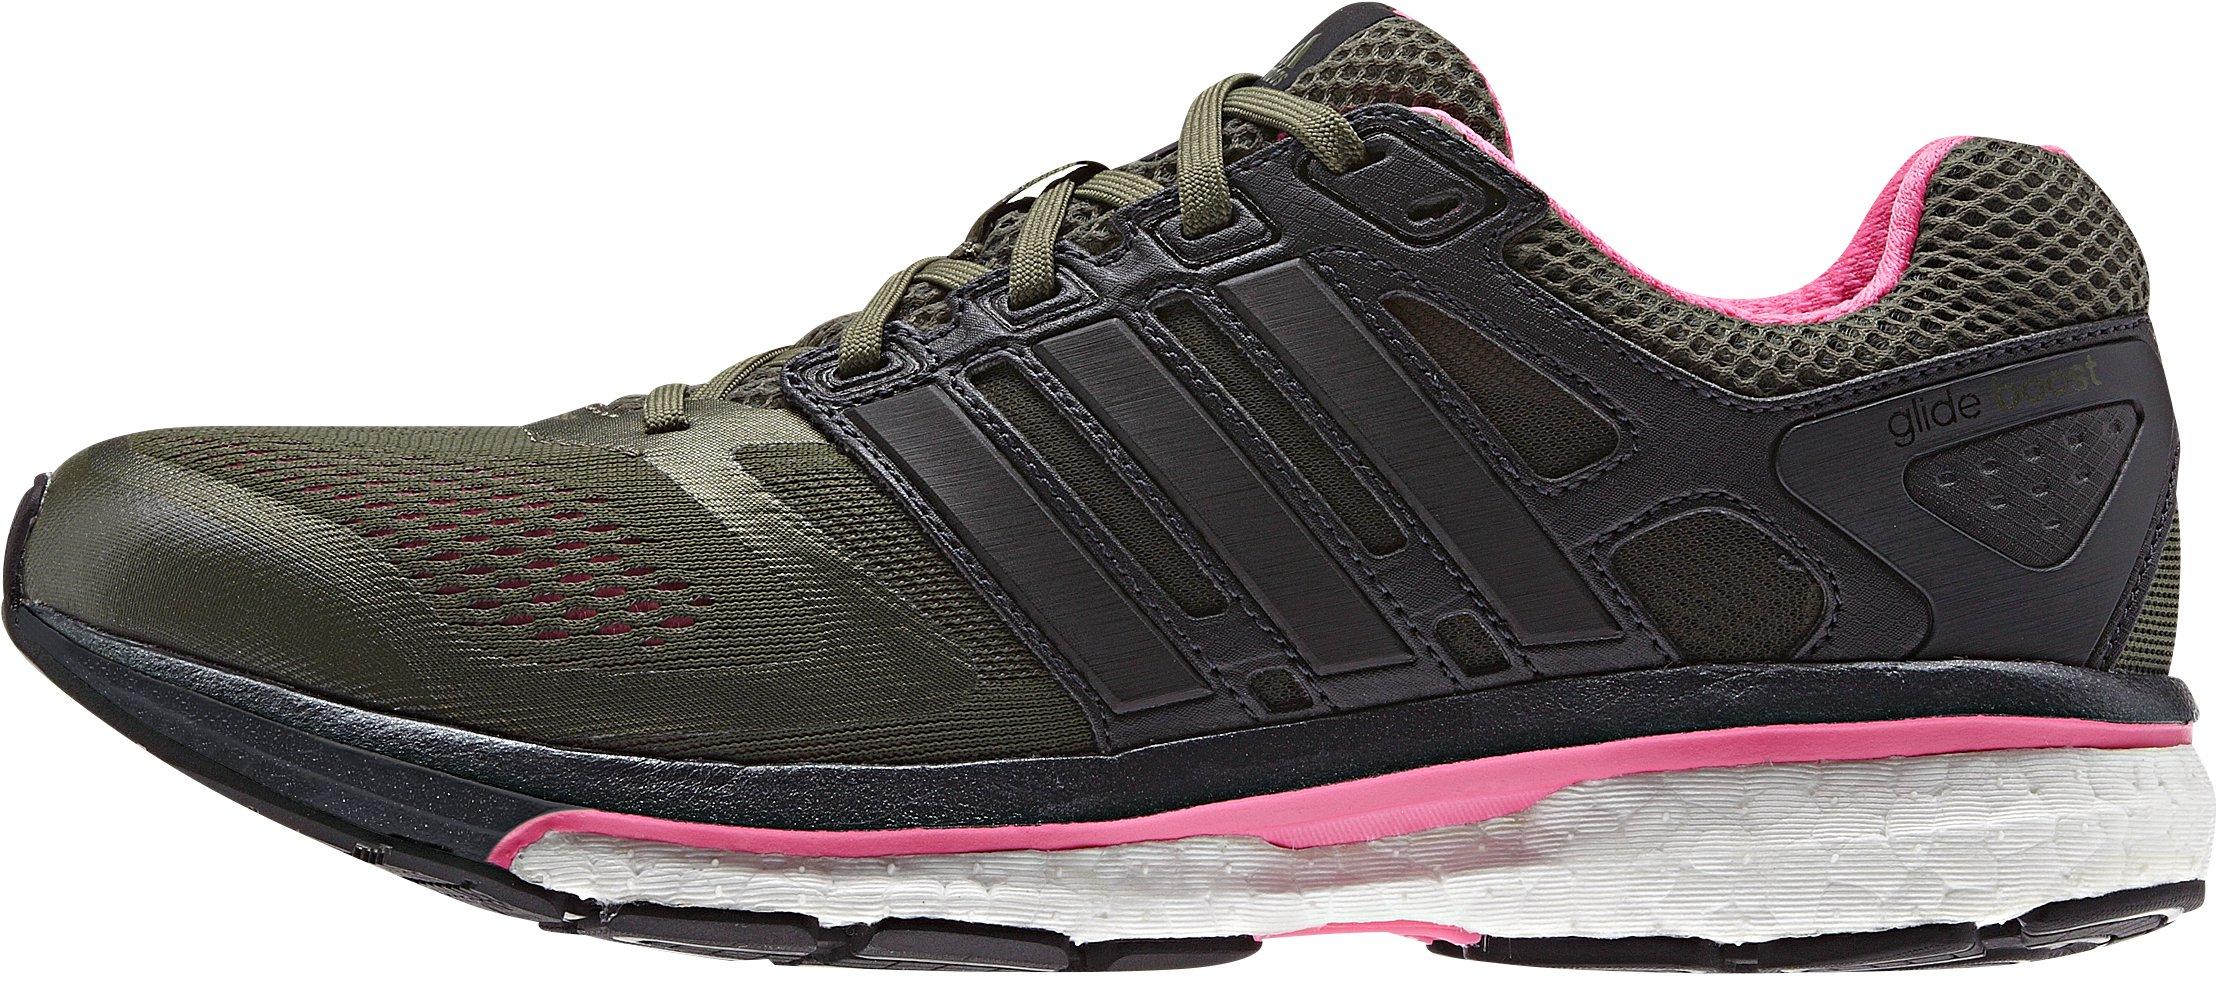 dd5d6b3c Купить женские кроссовки Adidas Supernova Glide 6 W | Интернет ...